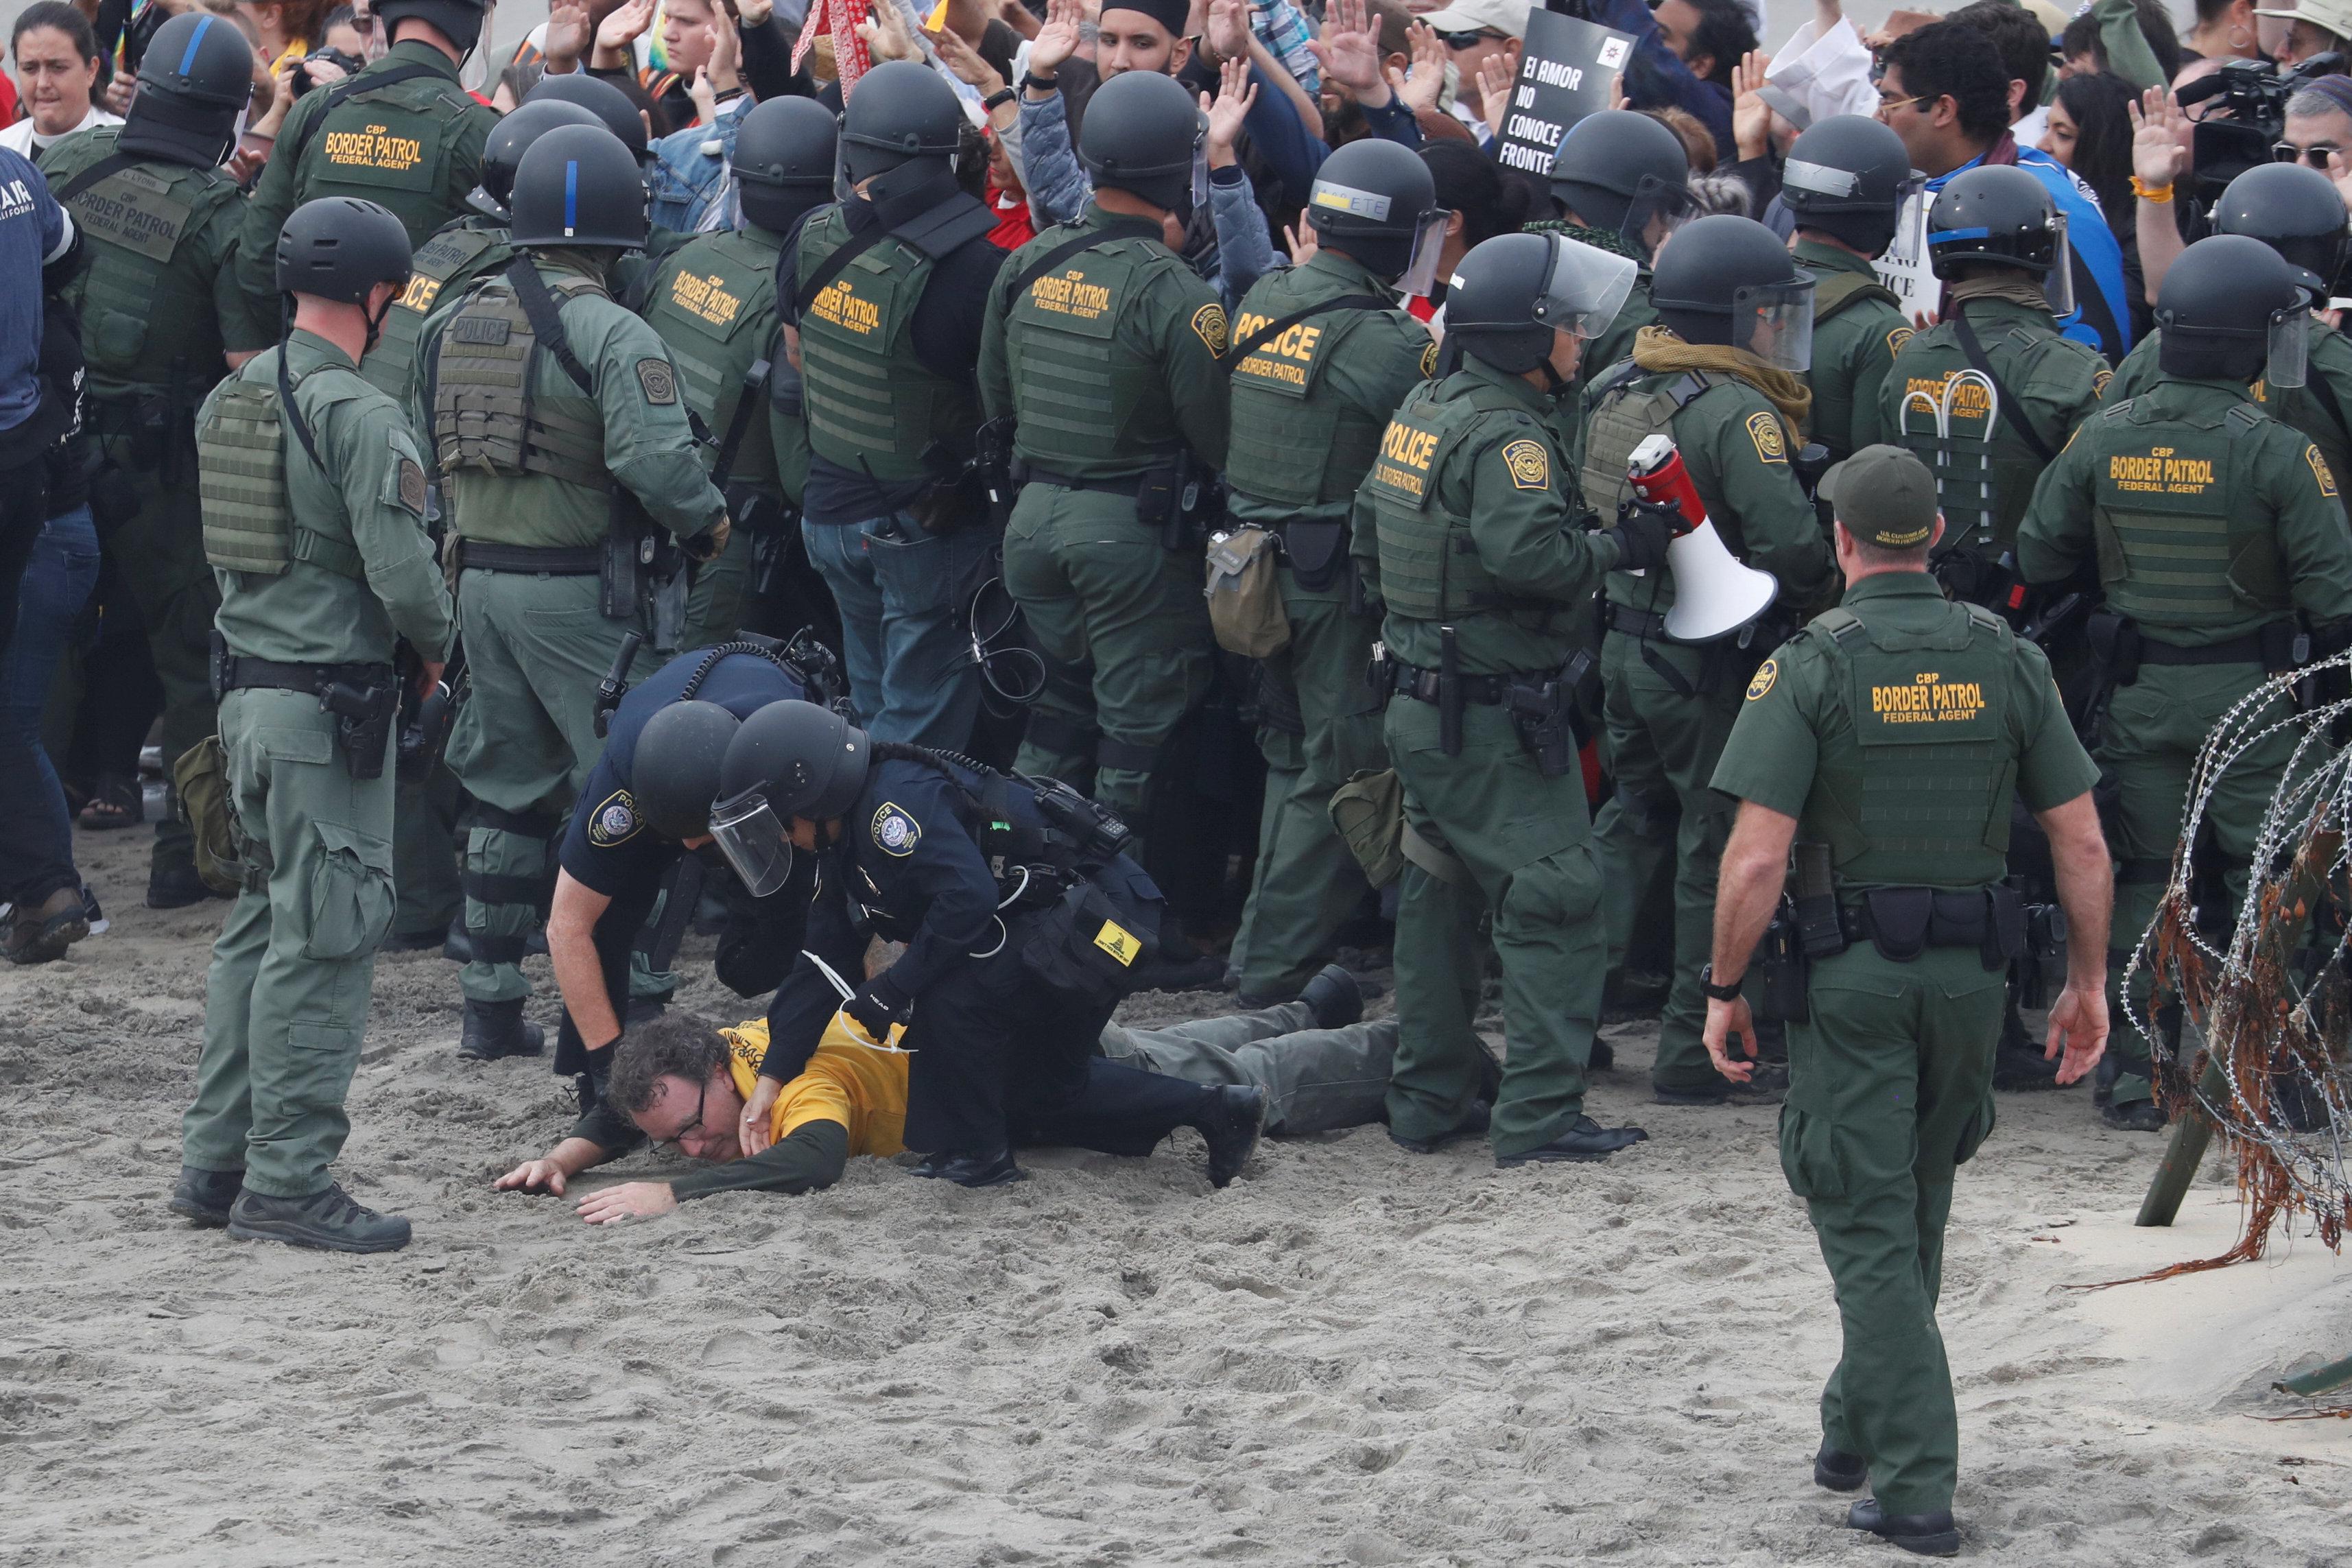 اعتقال مهاجرين على الجانب الأمريكى من الحدود مع المكسيك  (7)